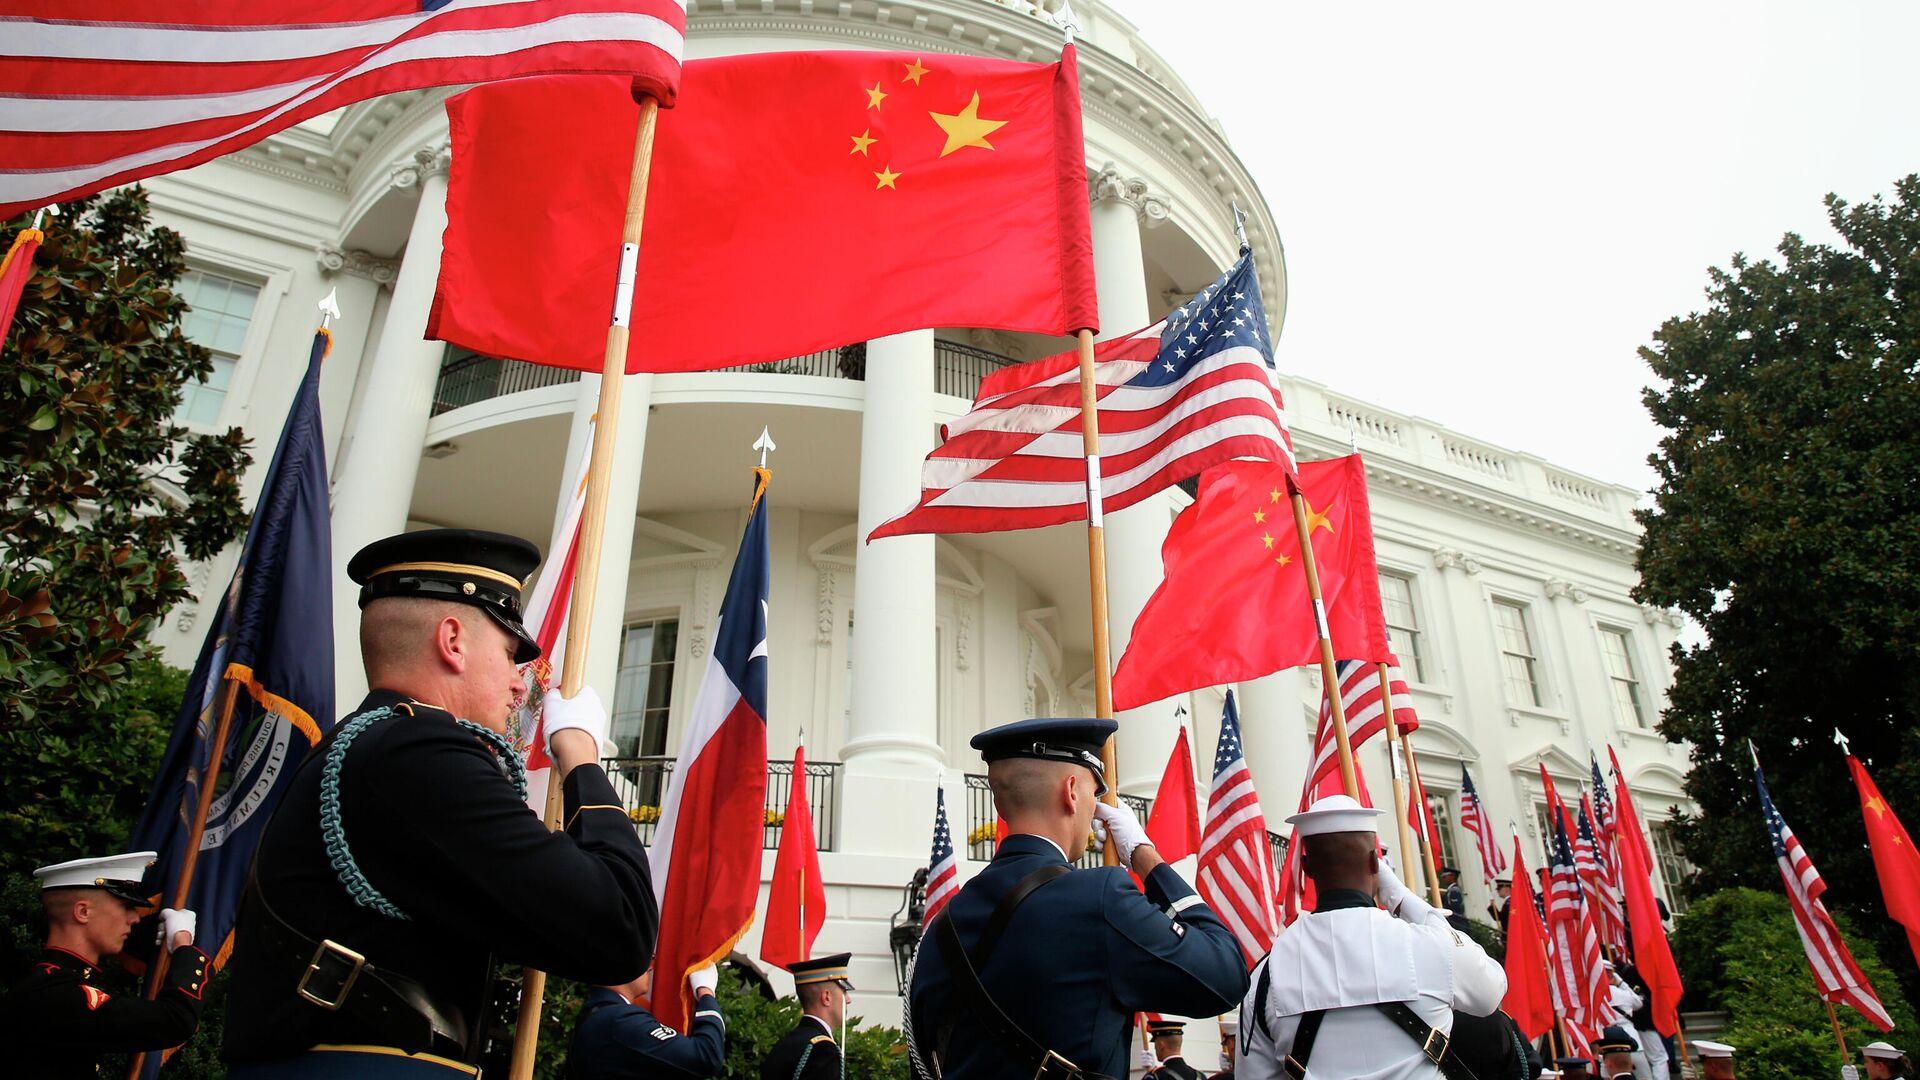 Военнослужащие США с флагами США и Китая на фоне Белого дома в Вашингтоне - РИА Новости, 1920, 17.02.2021